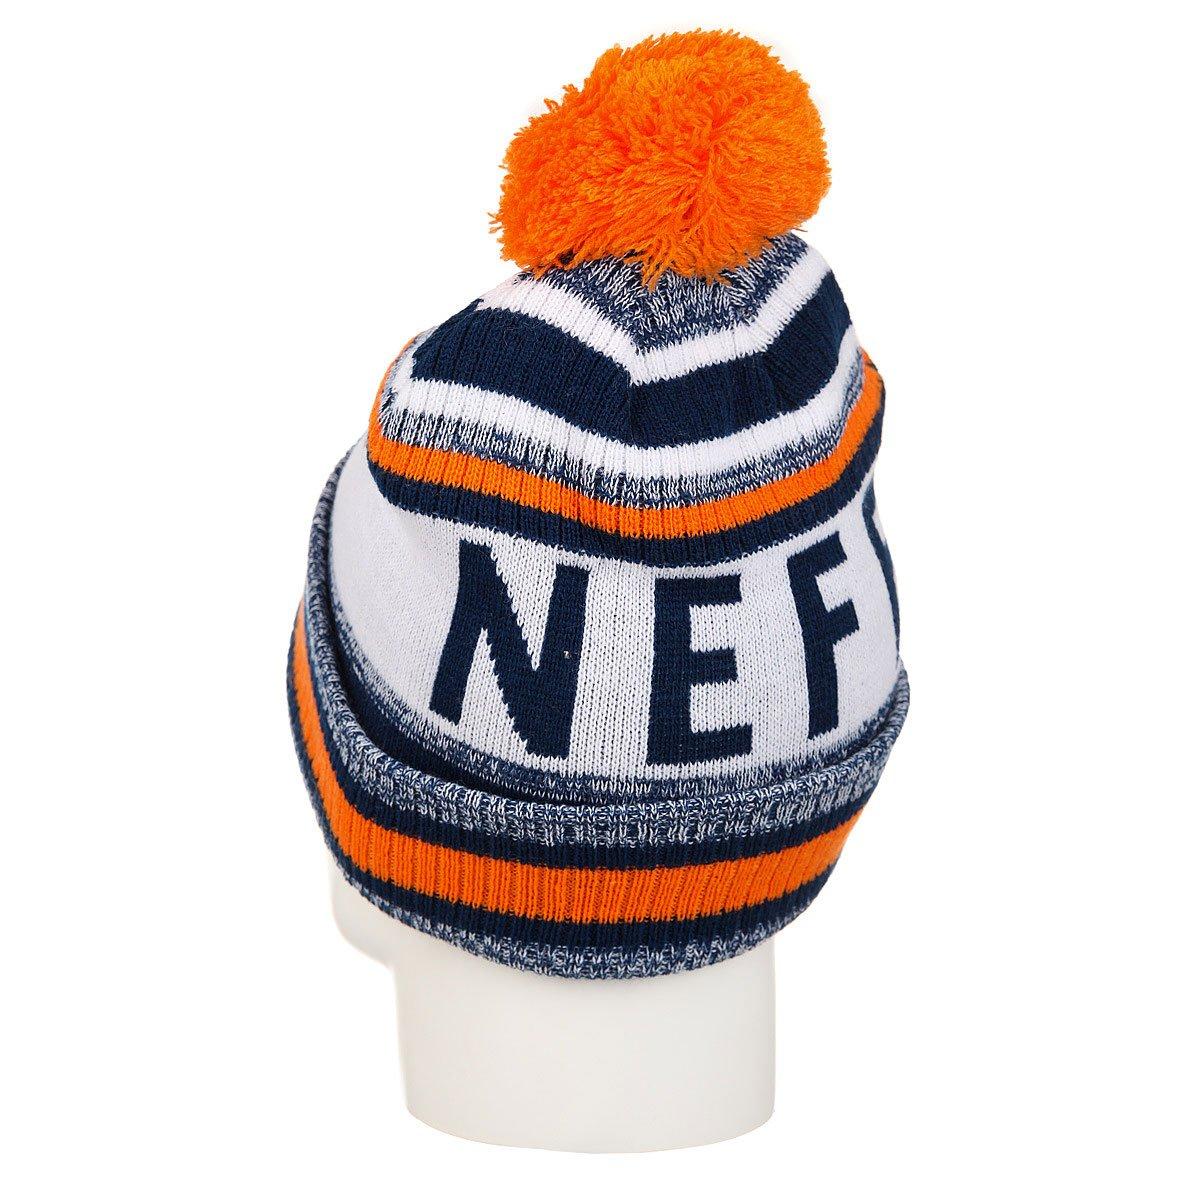 Шапка Neff Champion Beanie Navy/Orange